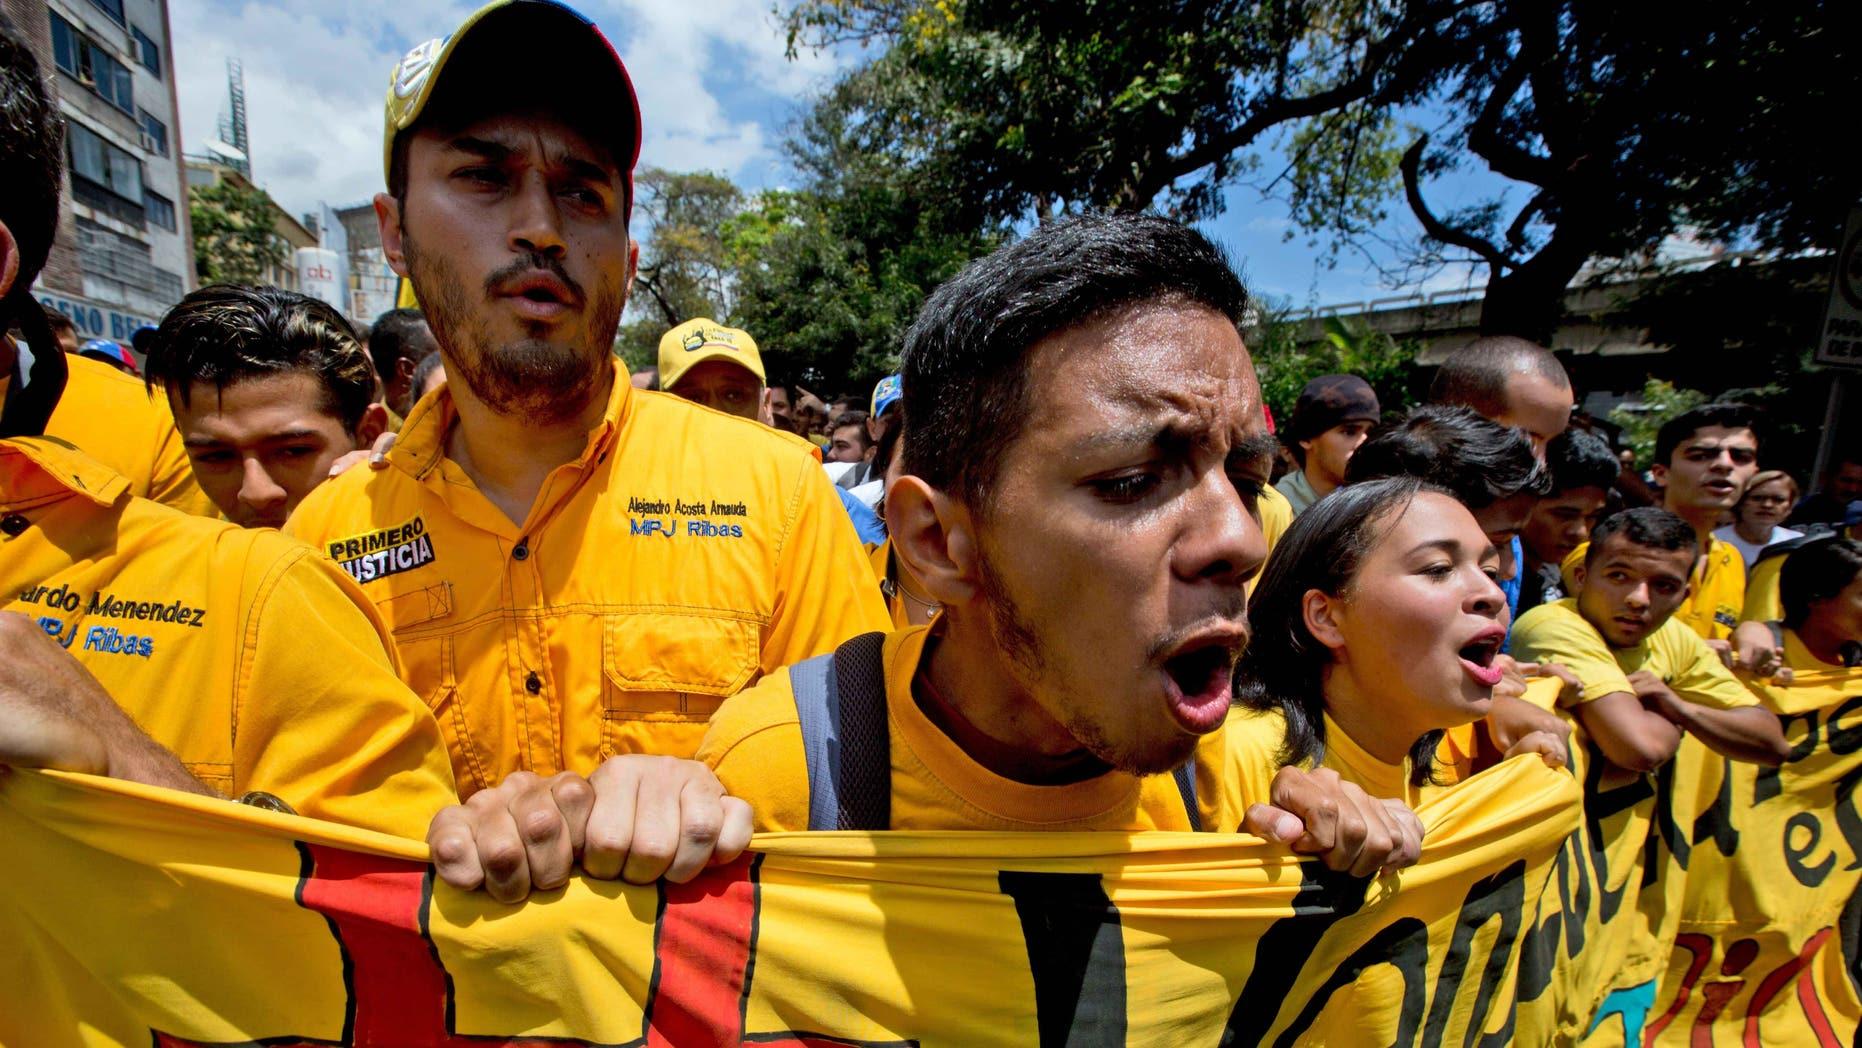 """Miembros de la oposición al grito de """"¡revocatorio ya!"""" marchan contra el presidente Nicolás Maduro en Caracas, Venezuela, el miércoles 27 de julio de 2016. La oposición convocó a la marcha para exigir la pronta activación del proceso de referendo revocatorio del mandato del presidente Nicolás Maduro. (AP Foto/Fernando Llano)"""